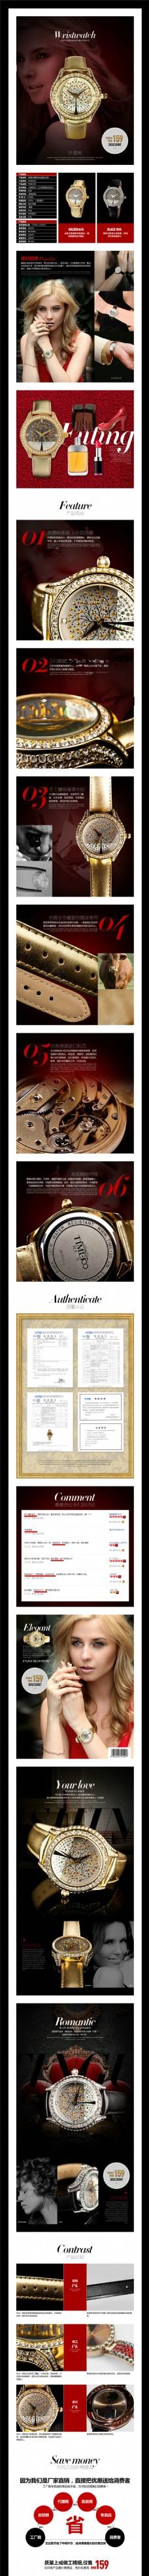 手表淘宝电商珠宝首饰详情页模板